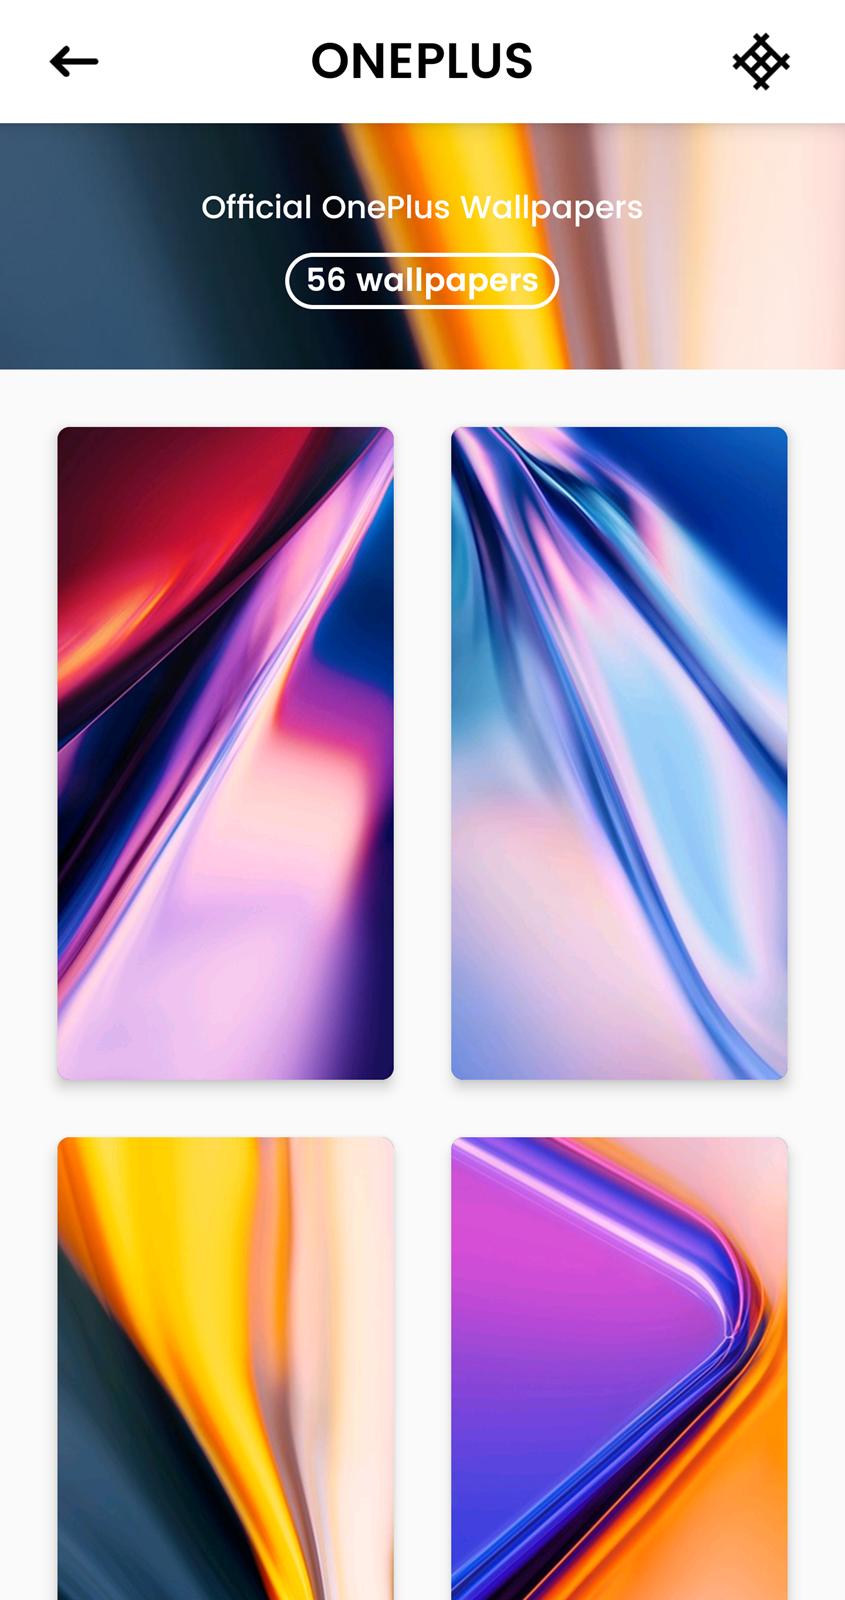 免費下載 OnePlus 高品質桌布! Abstruct – Wallpapers in 4K 任何手機都可以安裝 @3C 達人廖阿輝